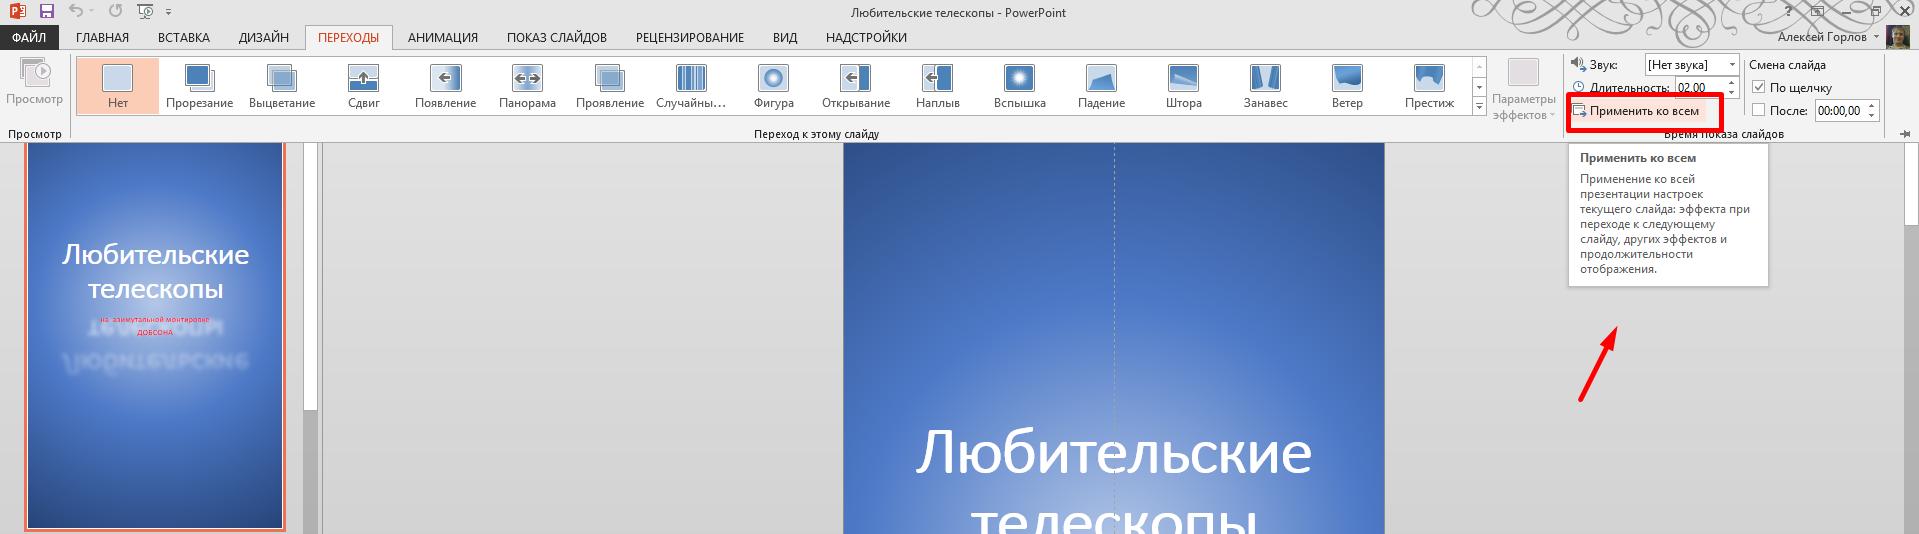 как сделать переход с одного слайда на другой в powerpoint